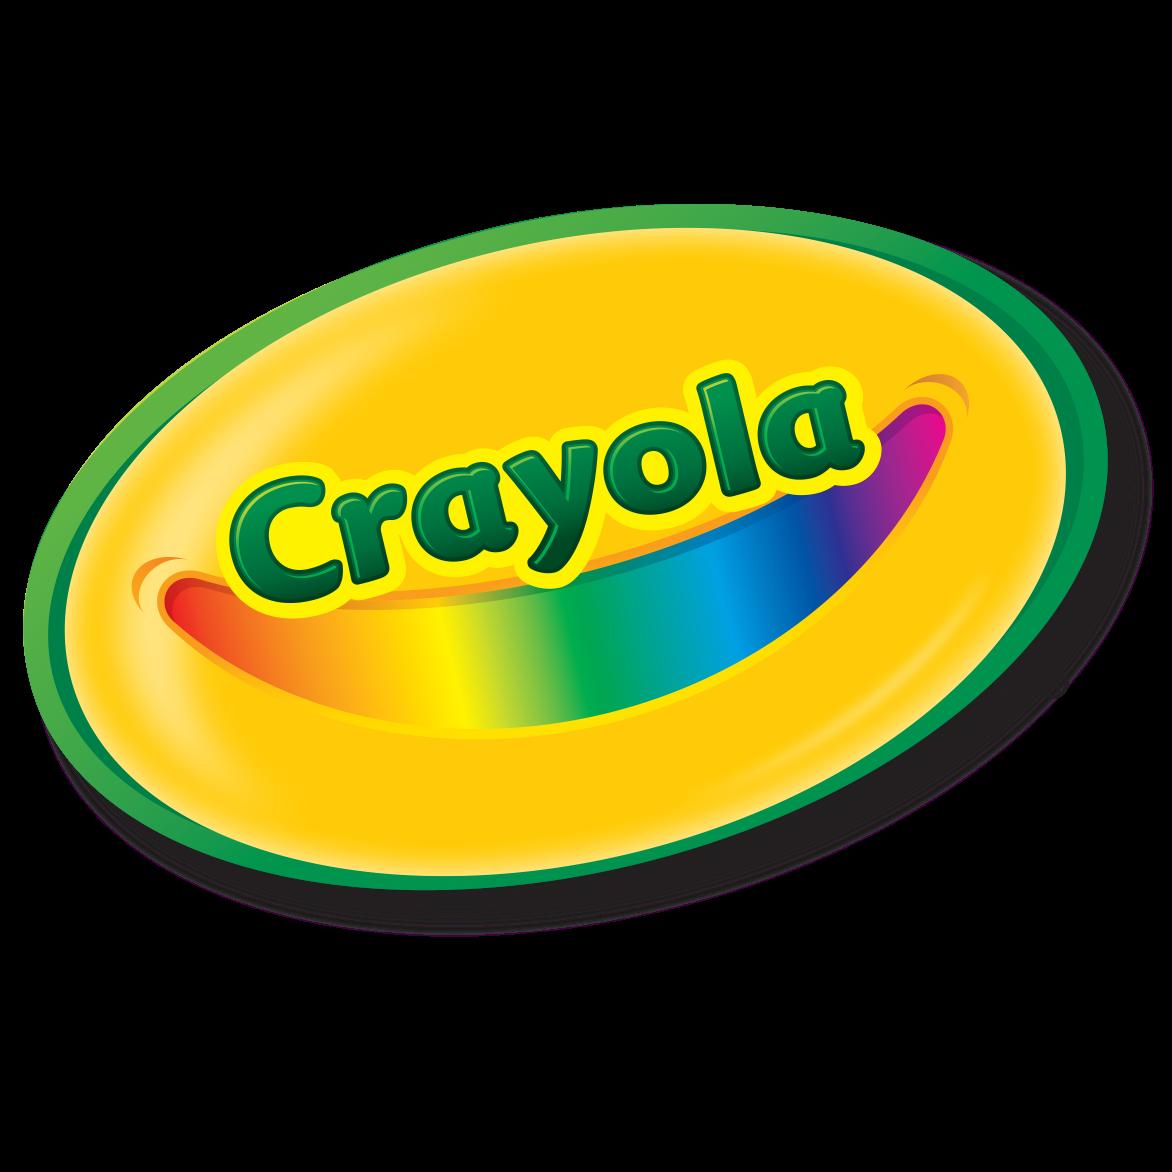 Crayola Logo Image